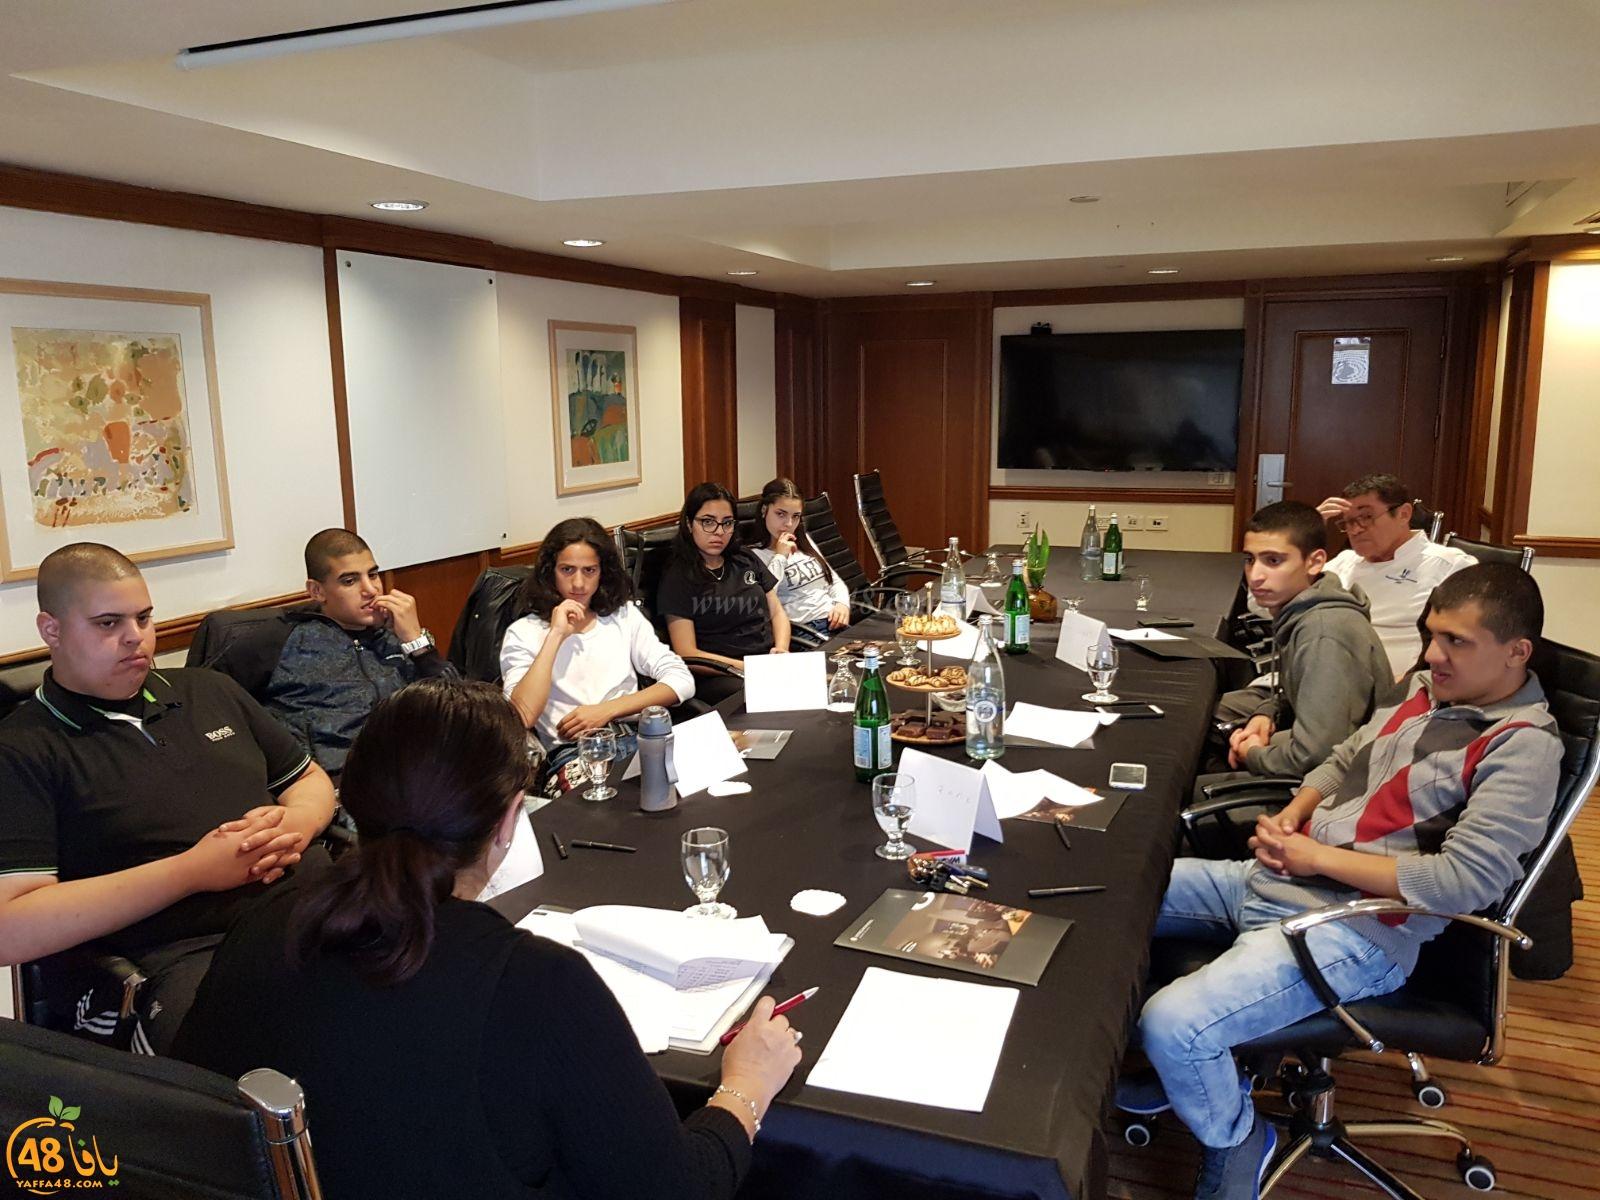 المدرسه التكنولوجيه العربيه يافا تعقد اتفاقاً مع فندق ديفيد إنتركونتيننتال تل أبيب